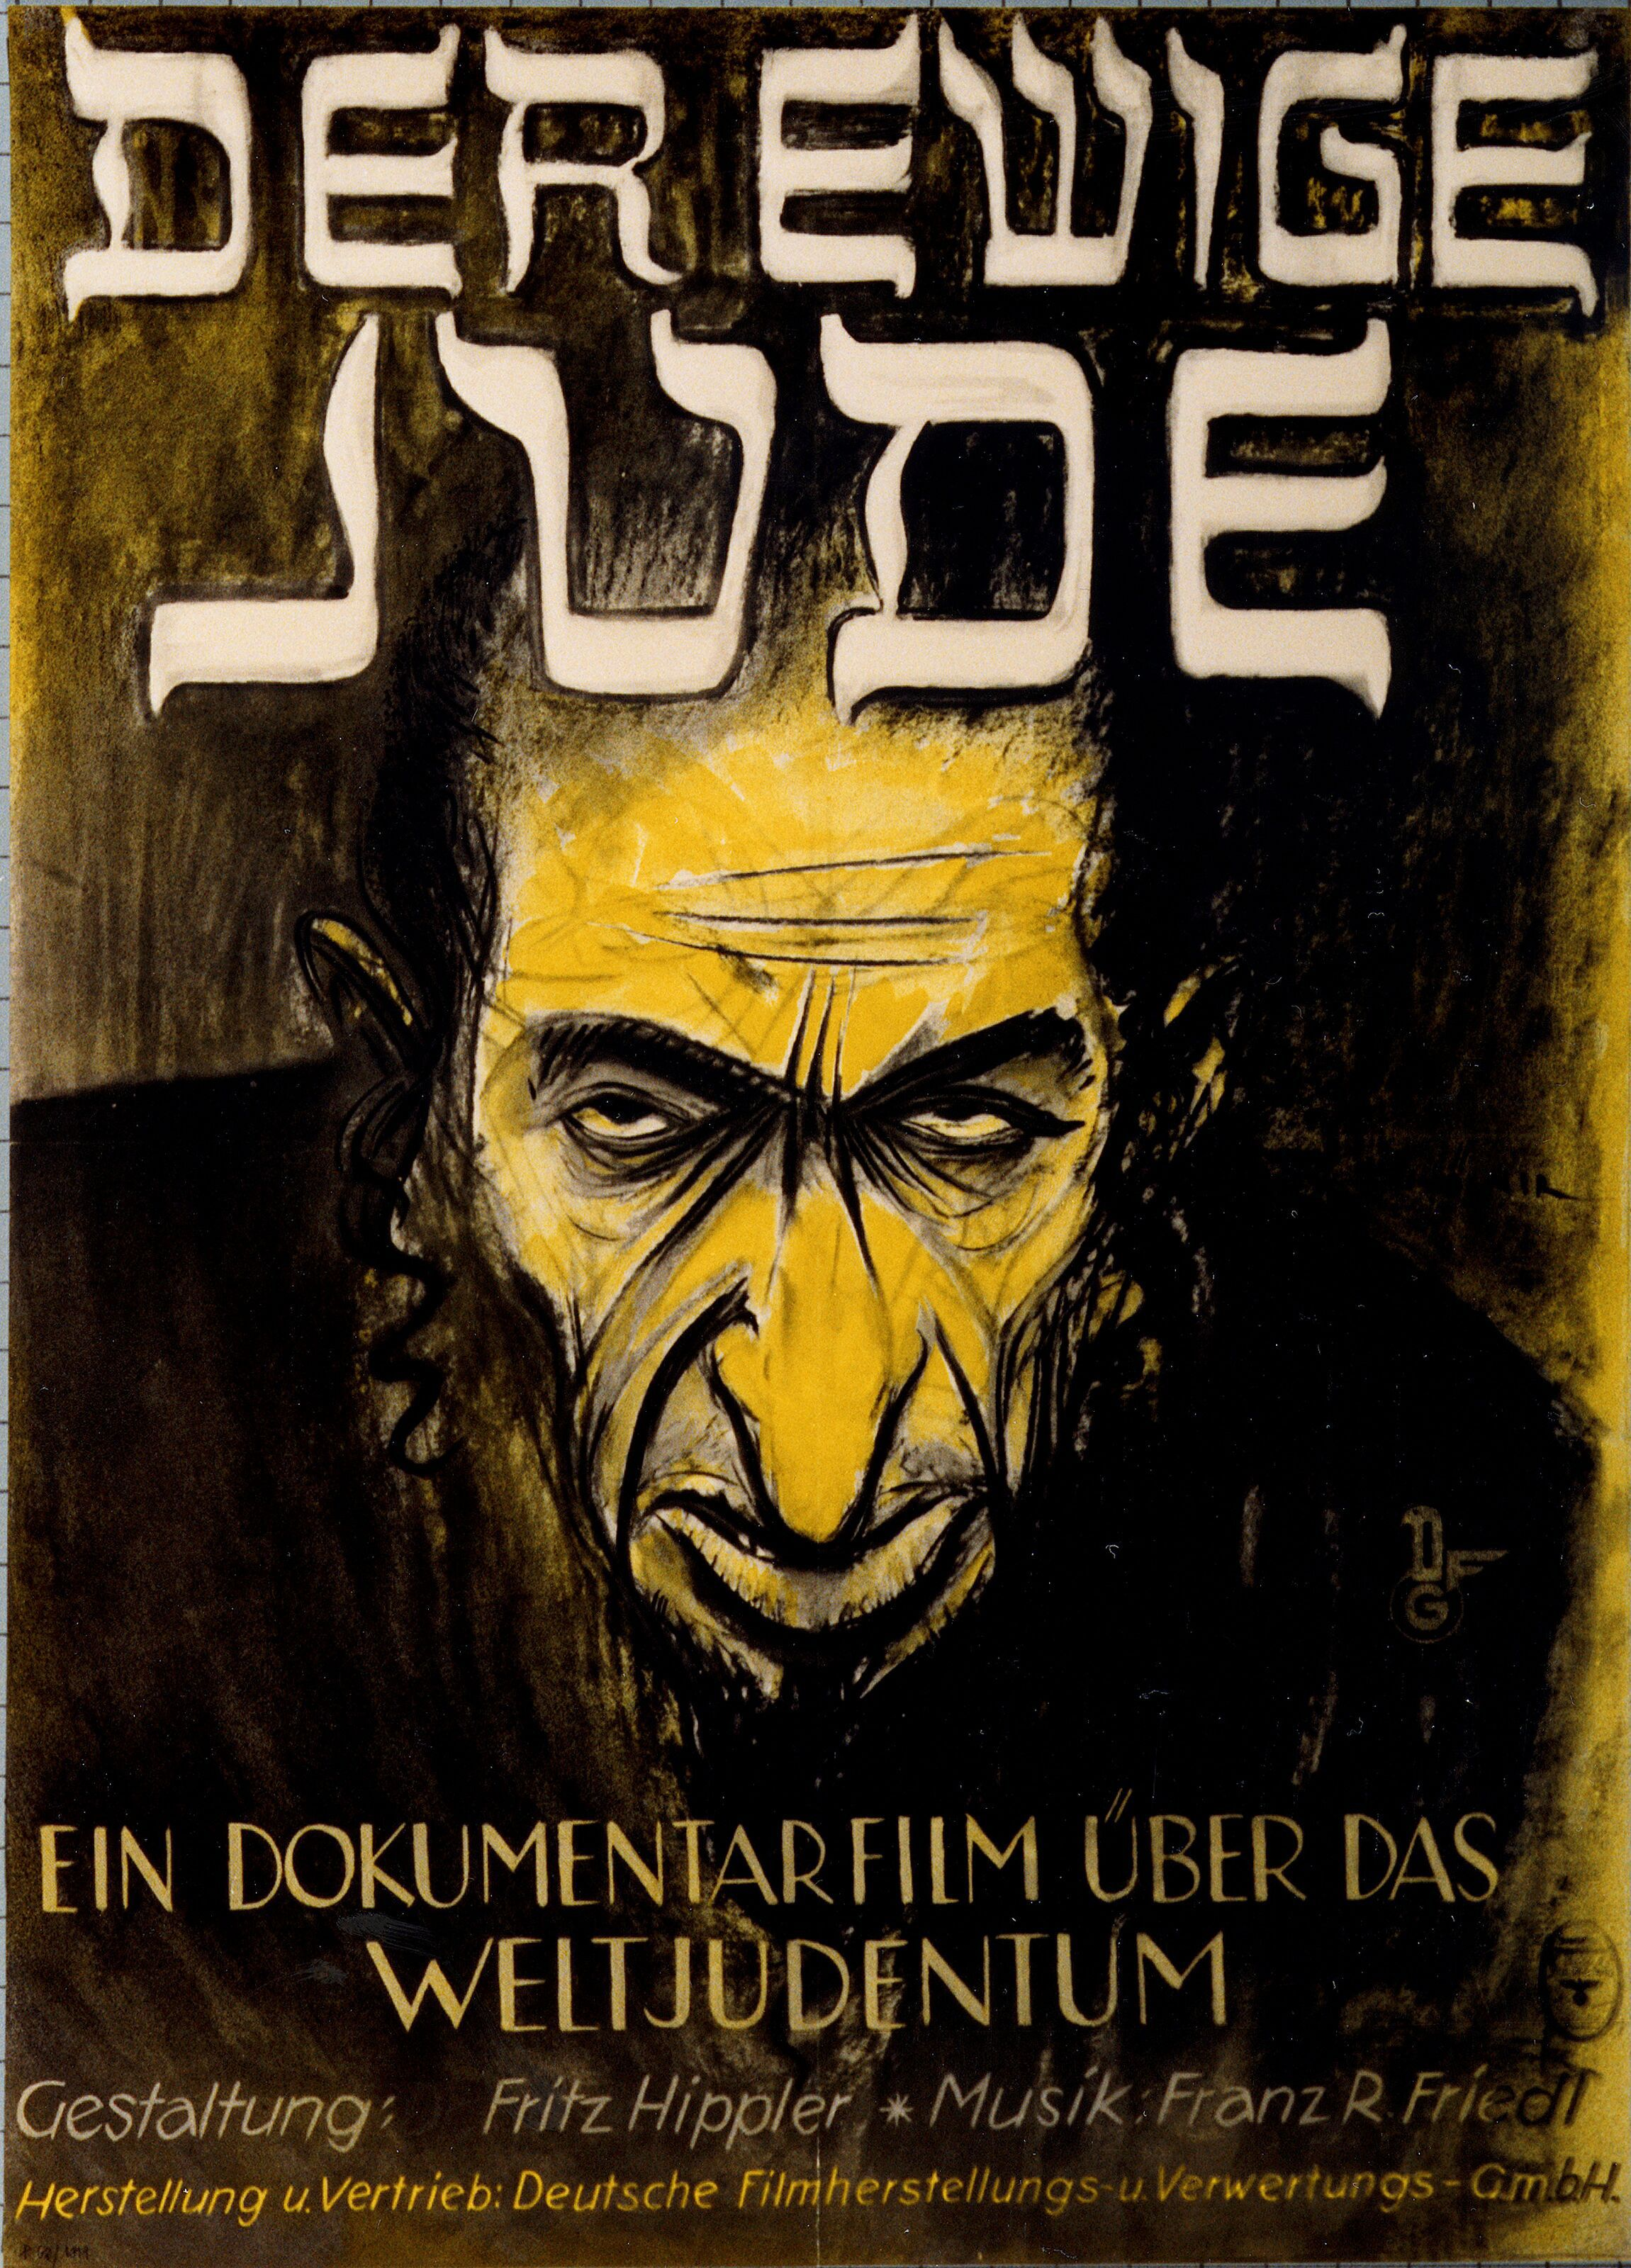 El eterno judío. Supuestamente un documental sobre el judaísmo mundial